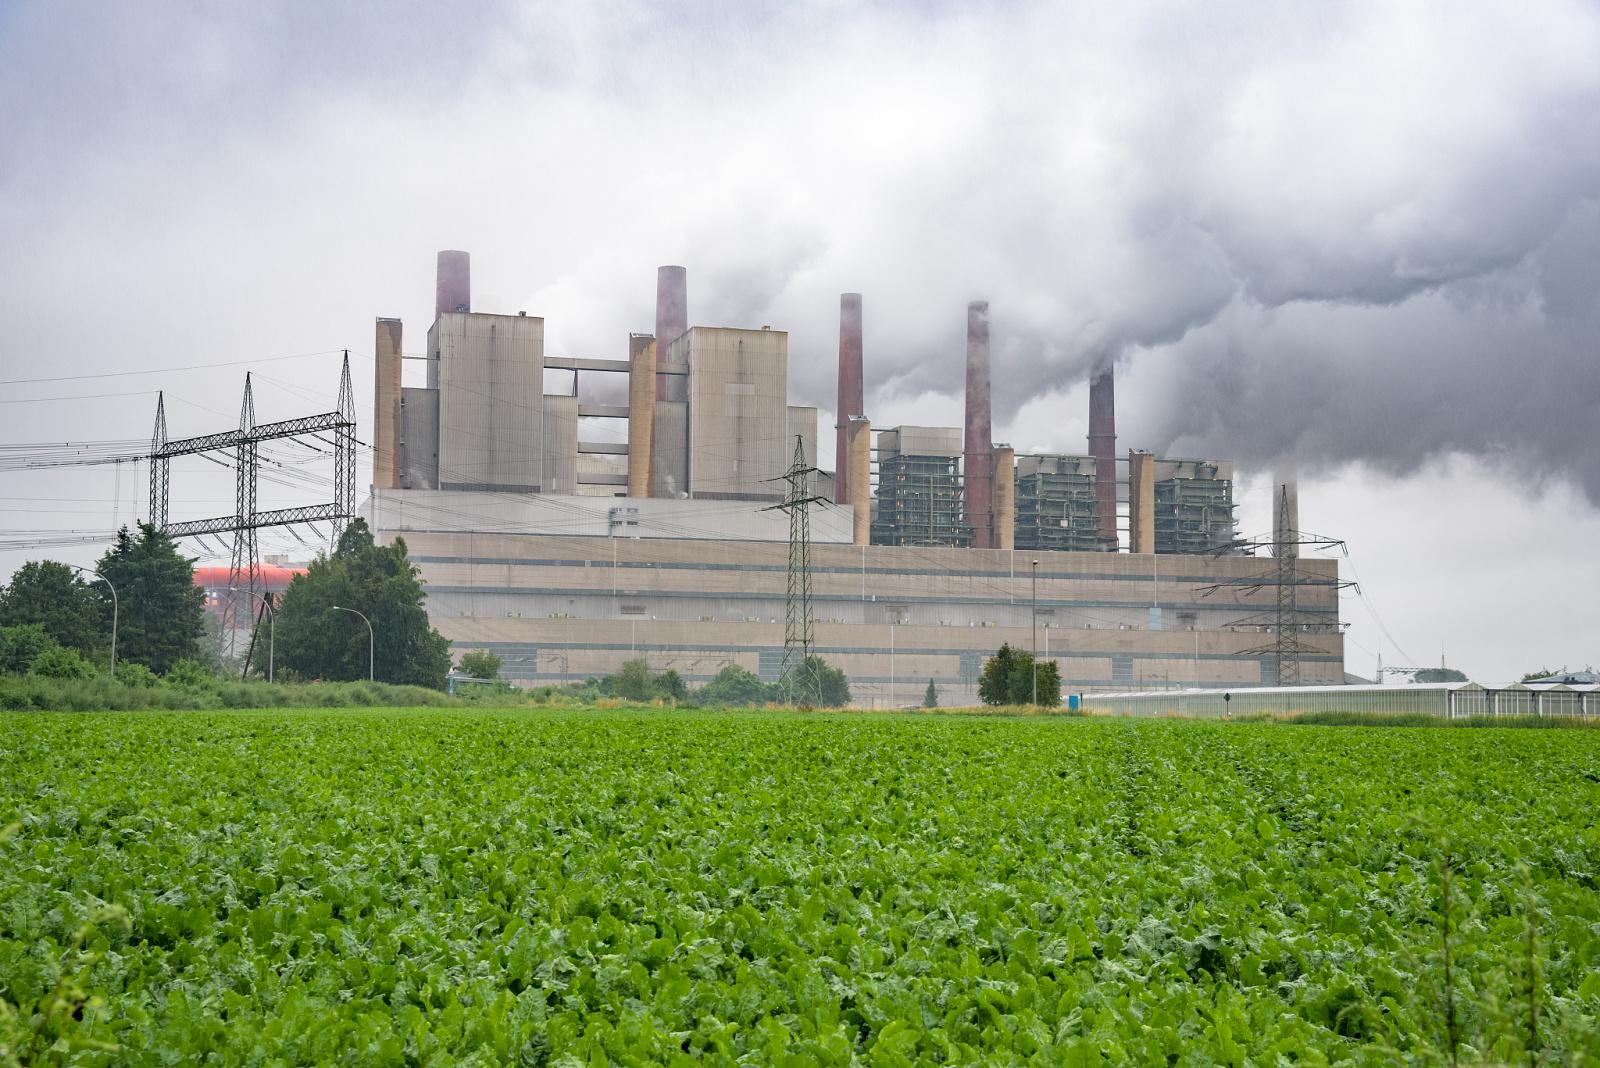 我国进一步深化燃煤发电上网电价市场化改革